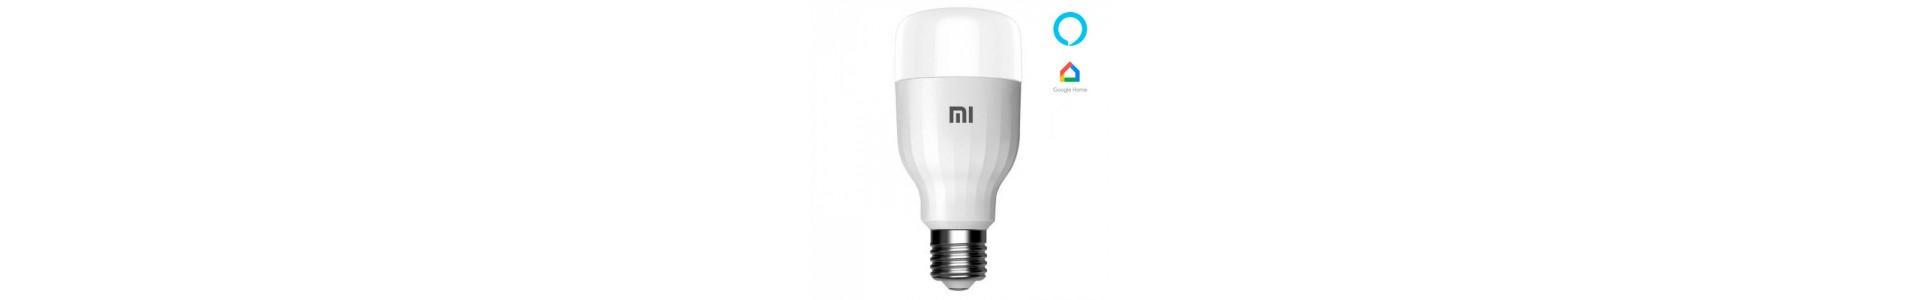 Todos os modelos de Iluminação da Xiaomi